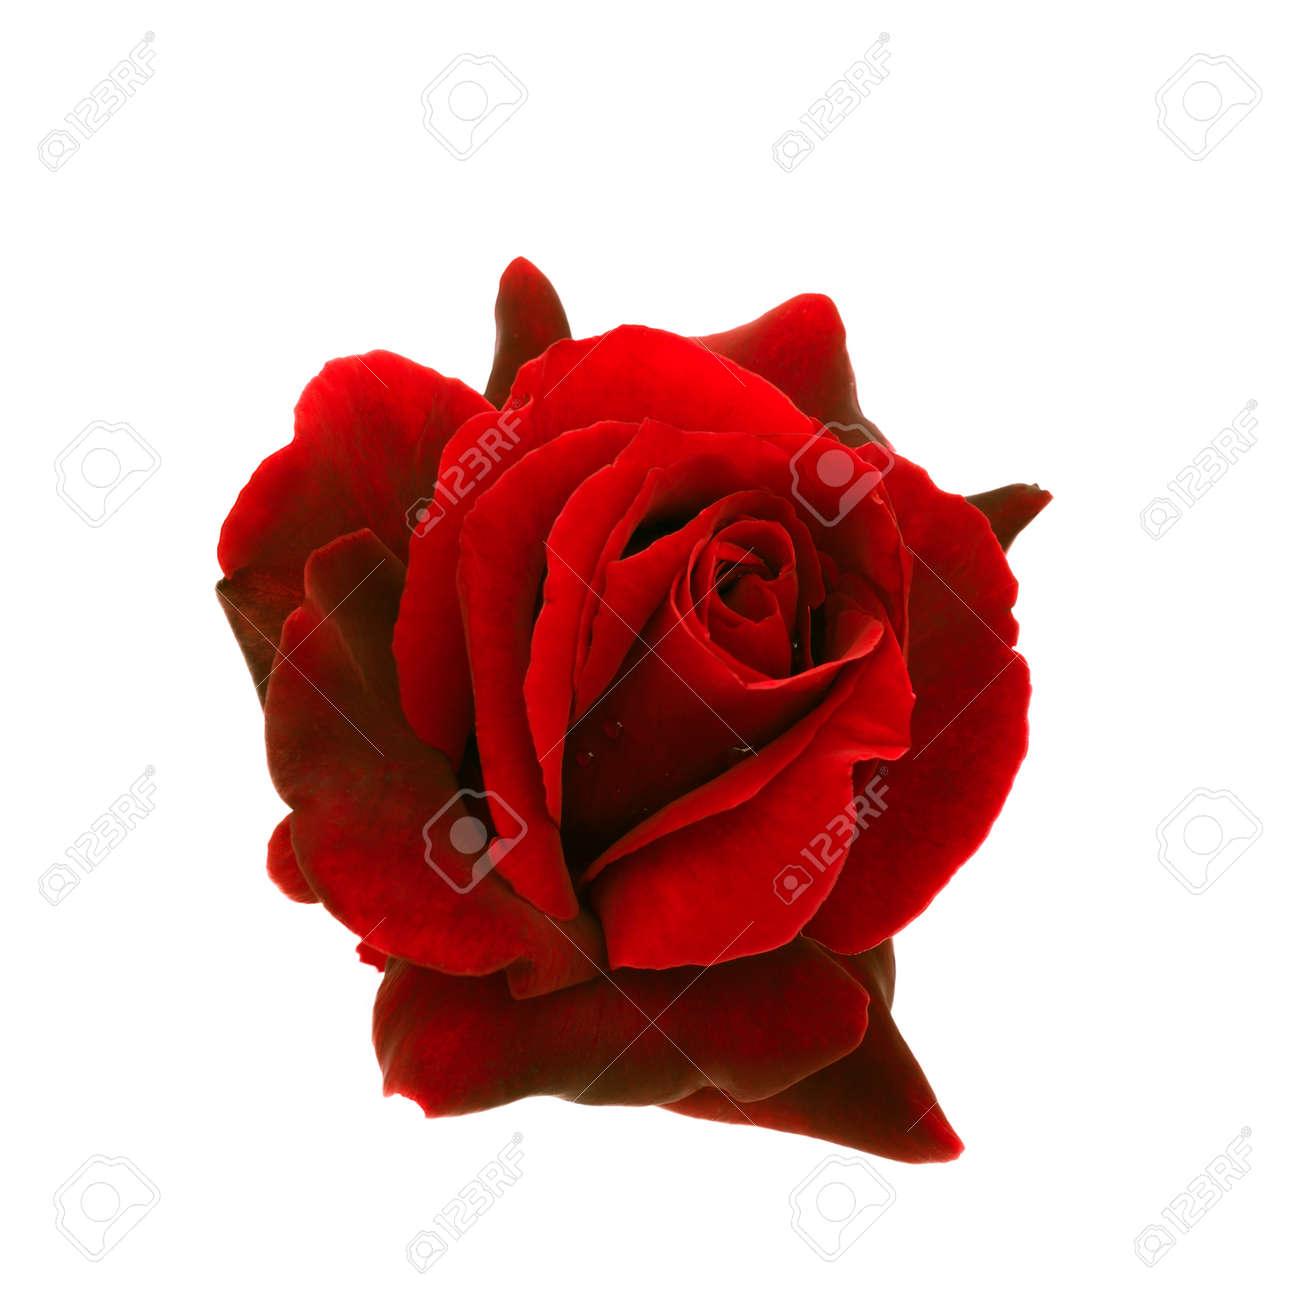 Immagini Stock Rosa Rosso Scuro è Su Uno Sfondo Bianco Image 26929047